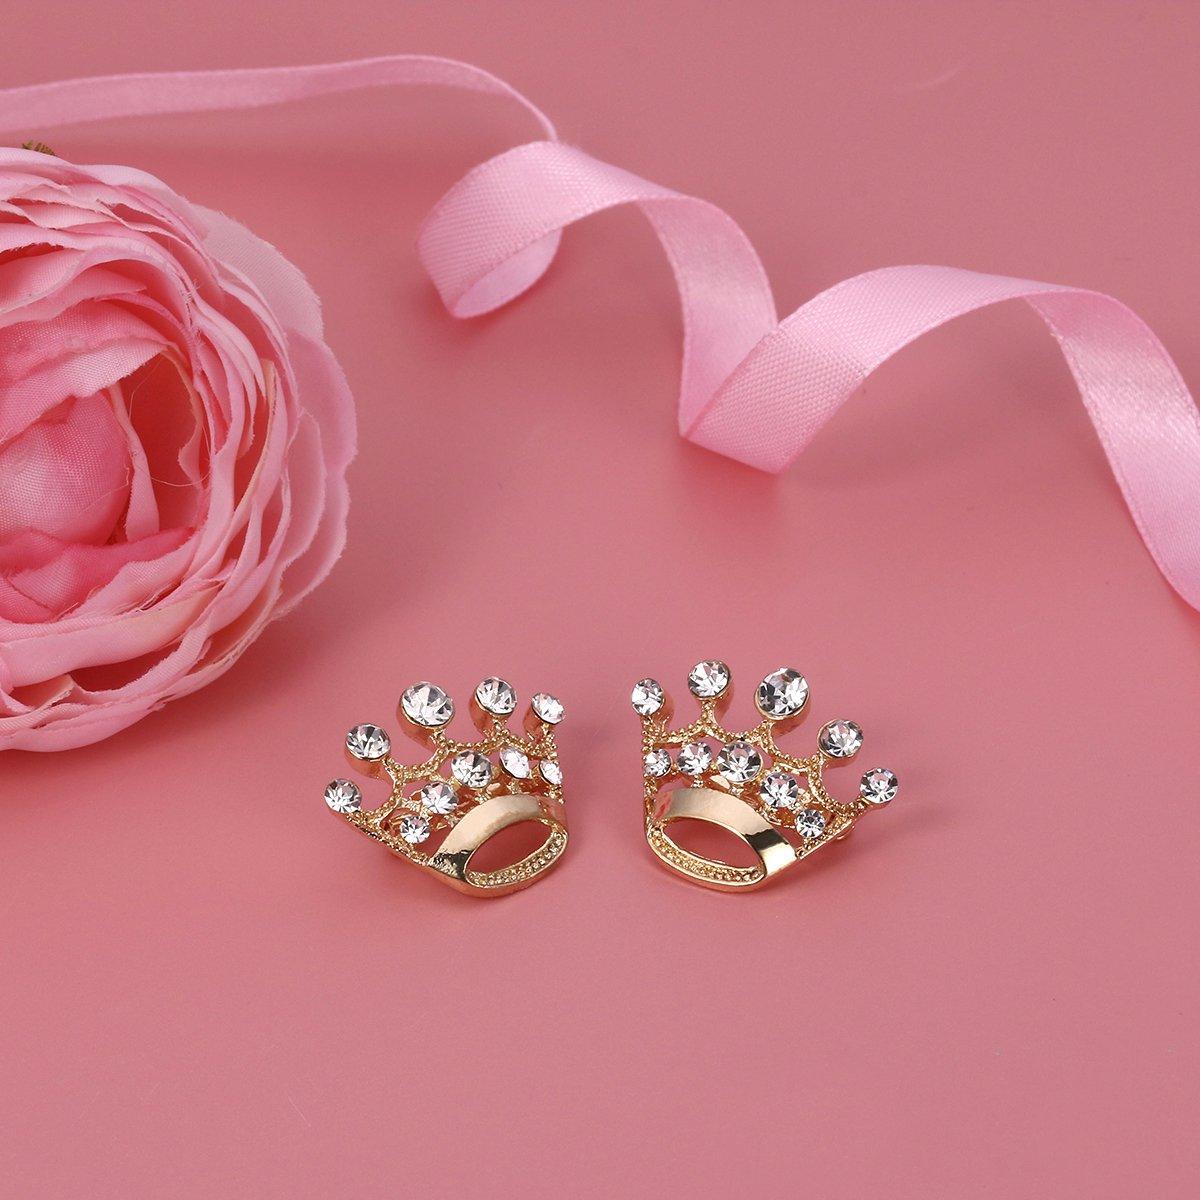 BESTOYARD 12/pi/èces Couronne Broche Pin Mode Diamant F/ête Mariage Spectacle Diad/ème Couronne Corset pour Mariage Fournitures pour Saint Valentin Or